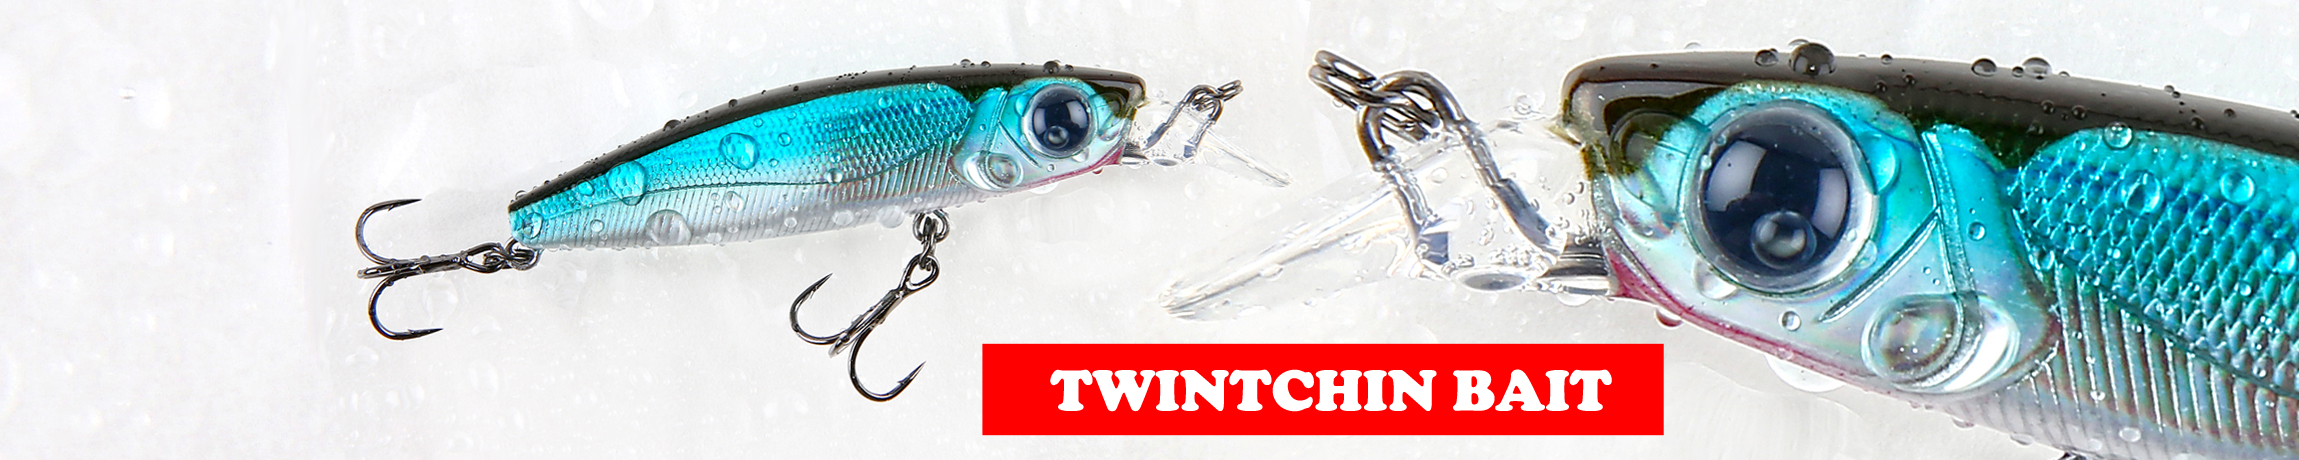 twintchin_bait_227